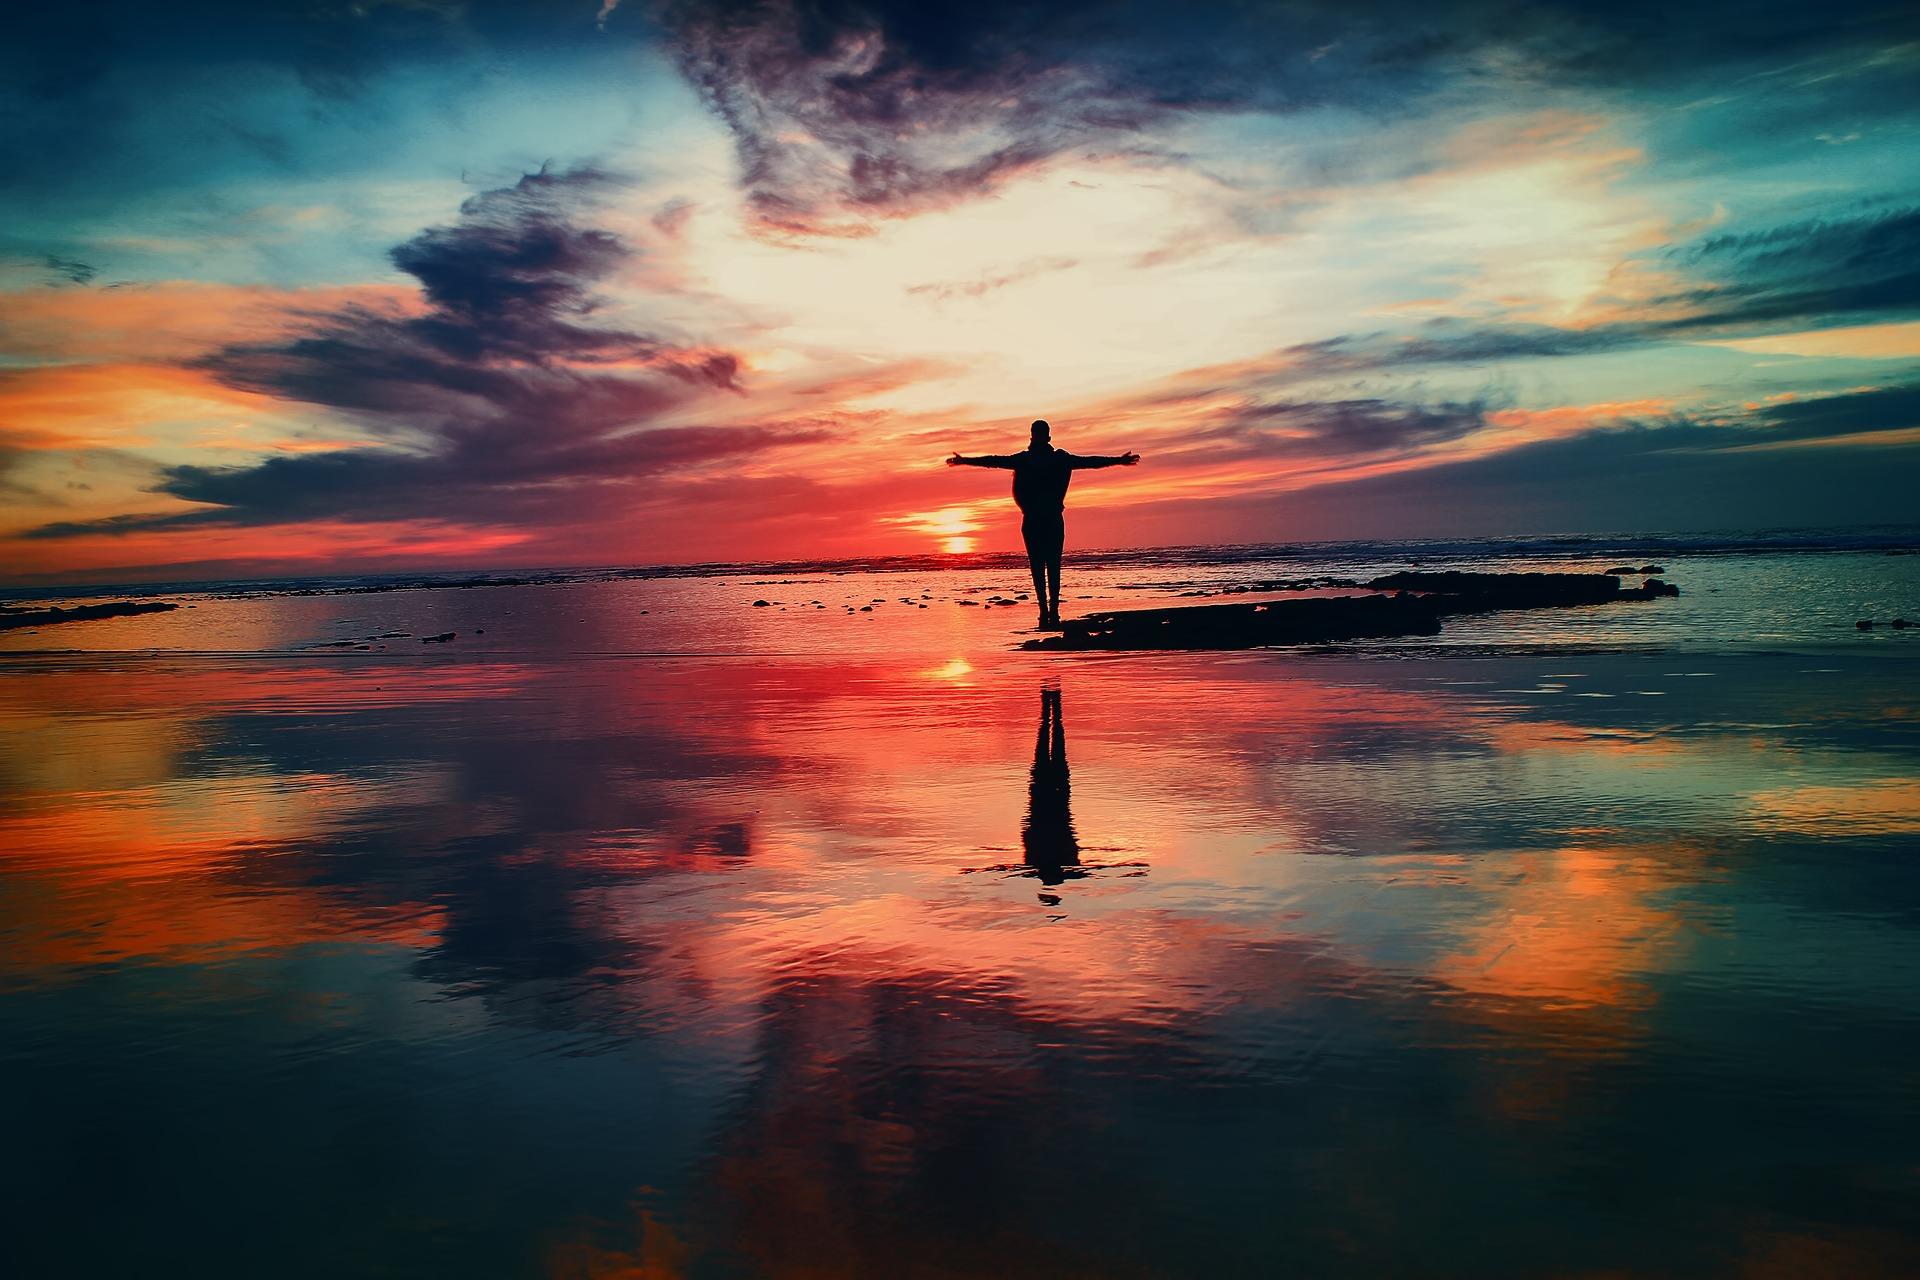 Pysyvää hyvinvointia: IWELLO kertoo, miten hyvinvoidaan pysyvästi